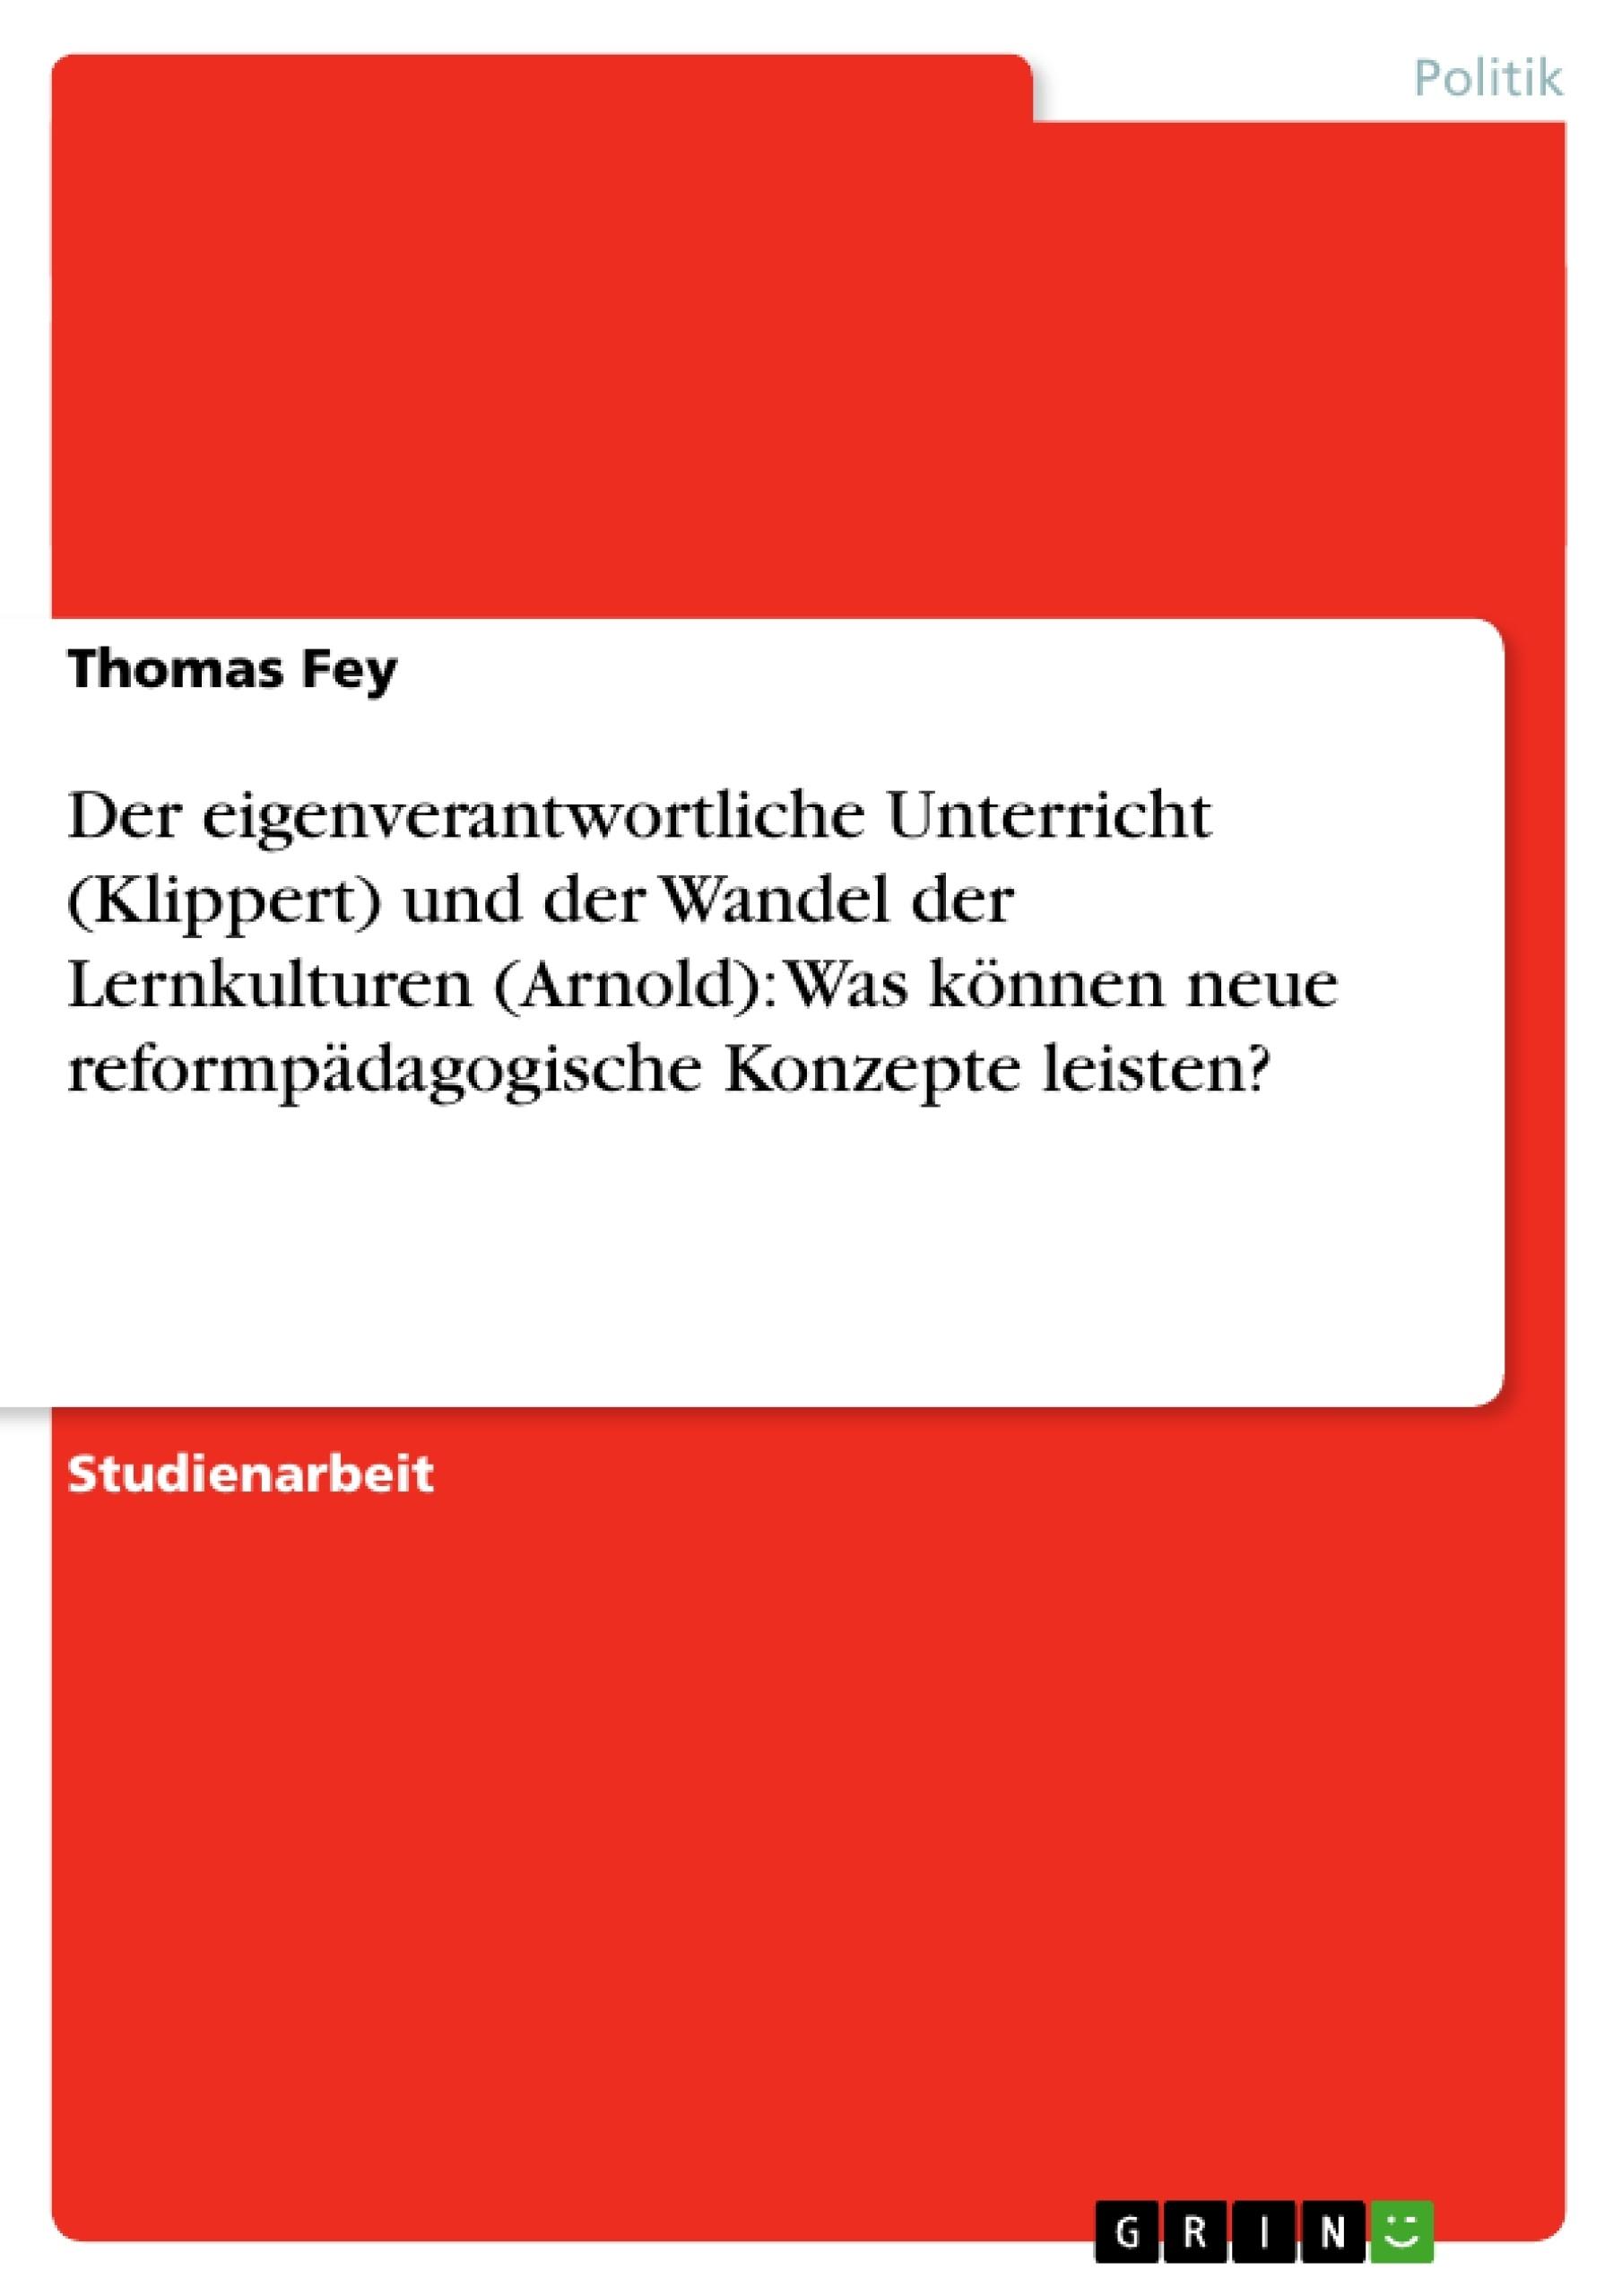 Titel: Der eigenverantwortliche Unterricht (Klippert) und der Wandel der Lernkulturen (Arnold): Was können neue reformpädagogische Konzepte leisten?